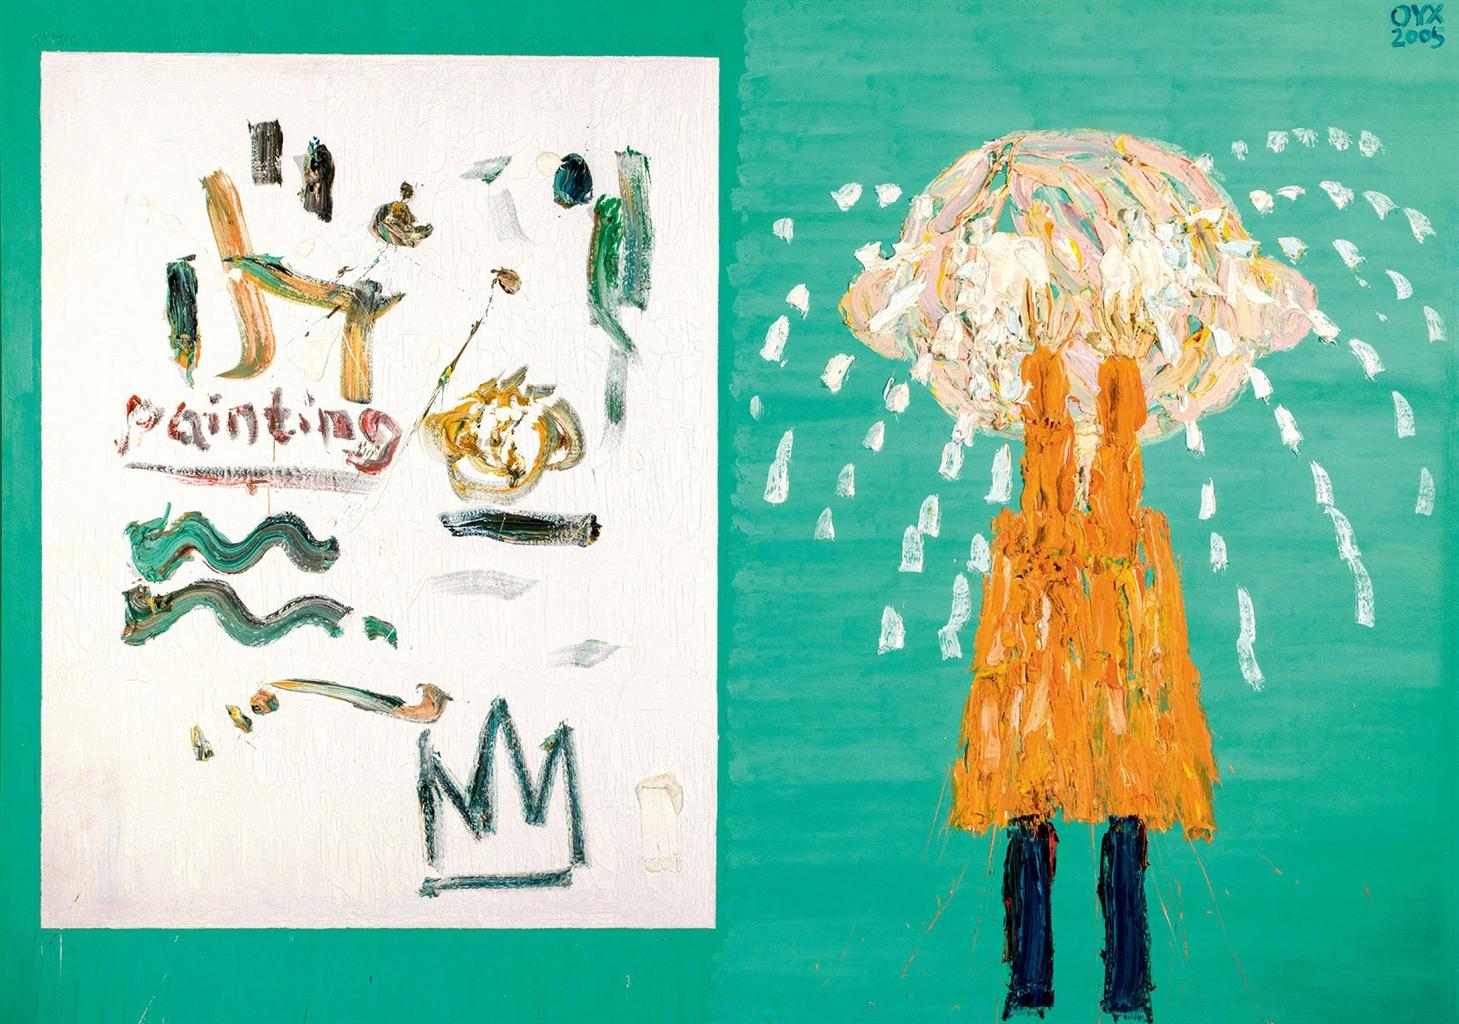 Ouyang Chun-Fear of Drawing-2005